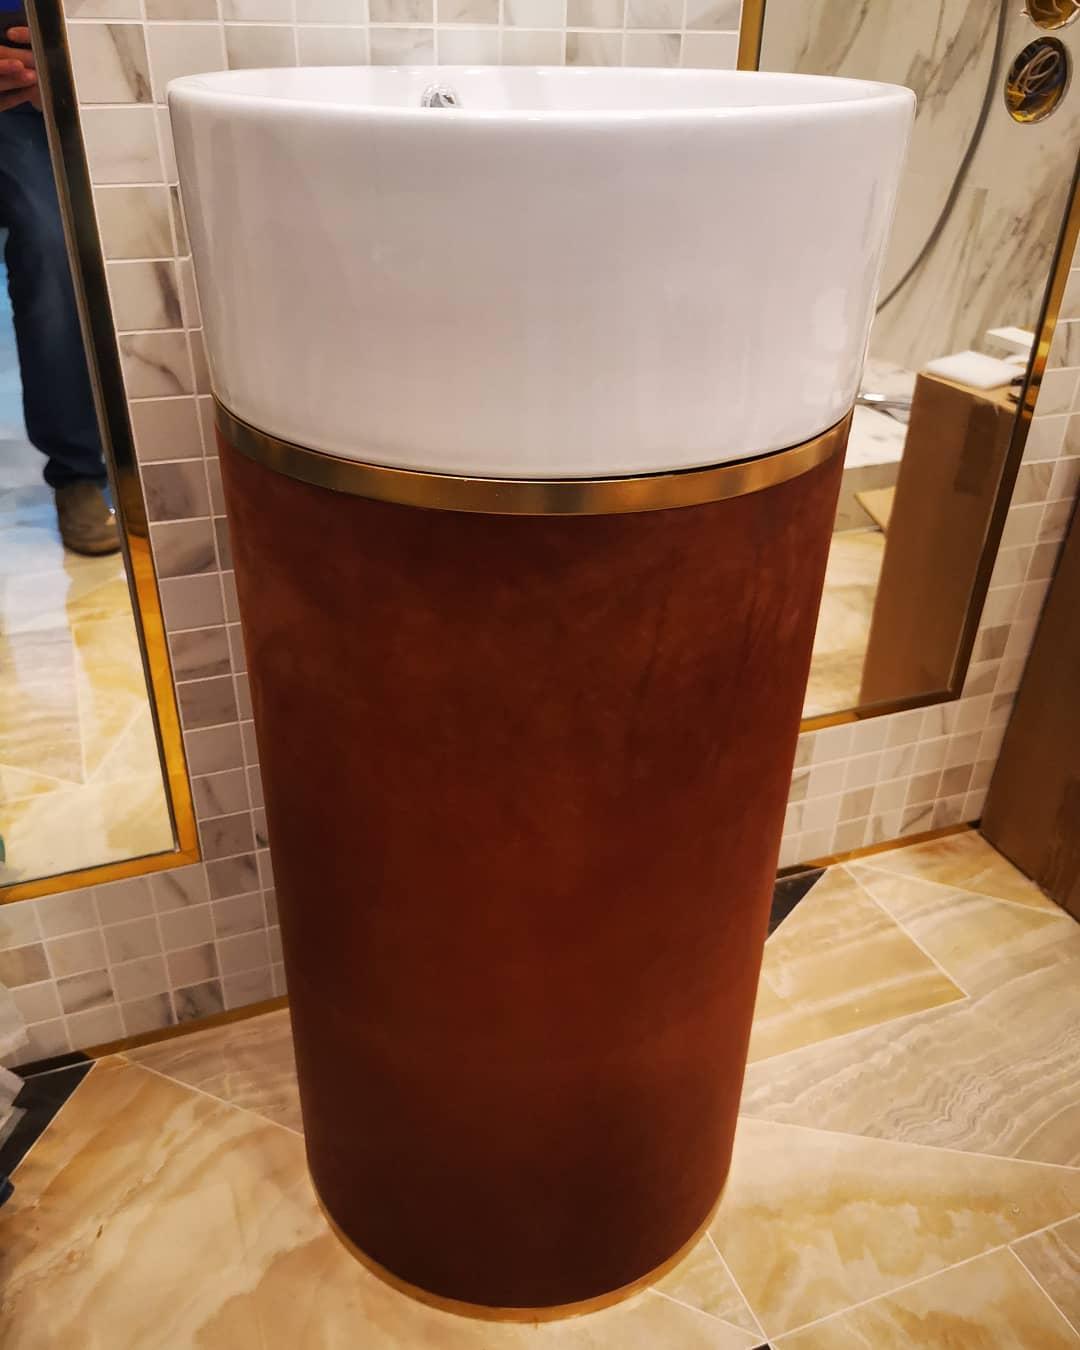 Эксклюзивная тумба под раковину, обтянутая натуральной кожей